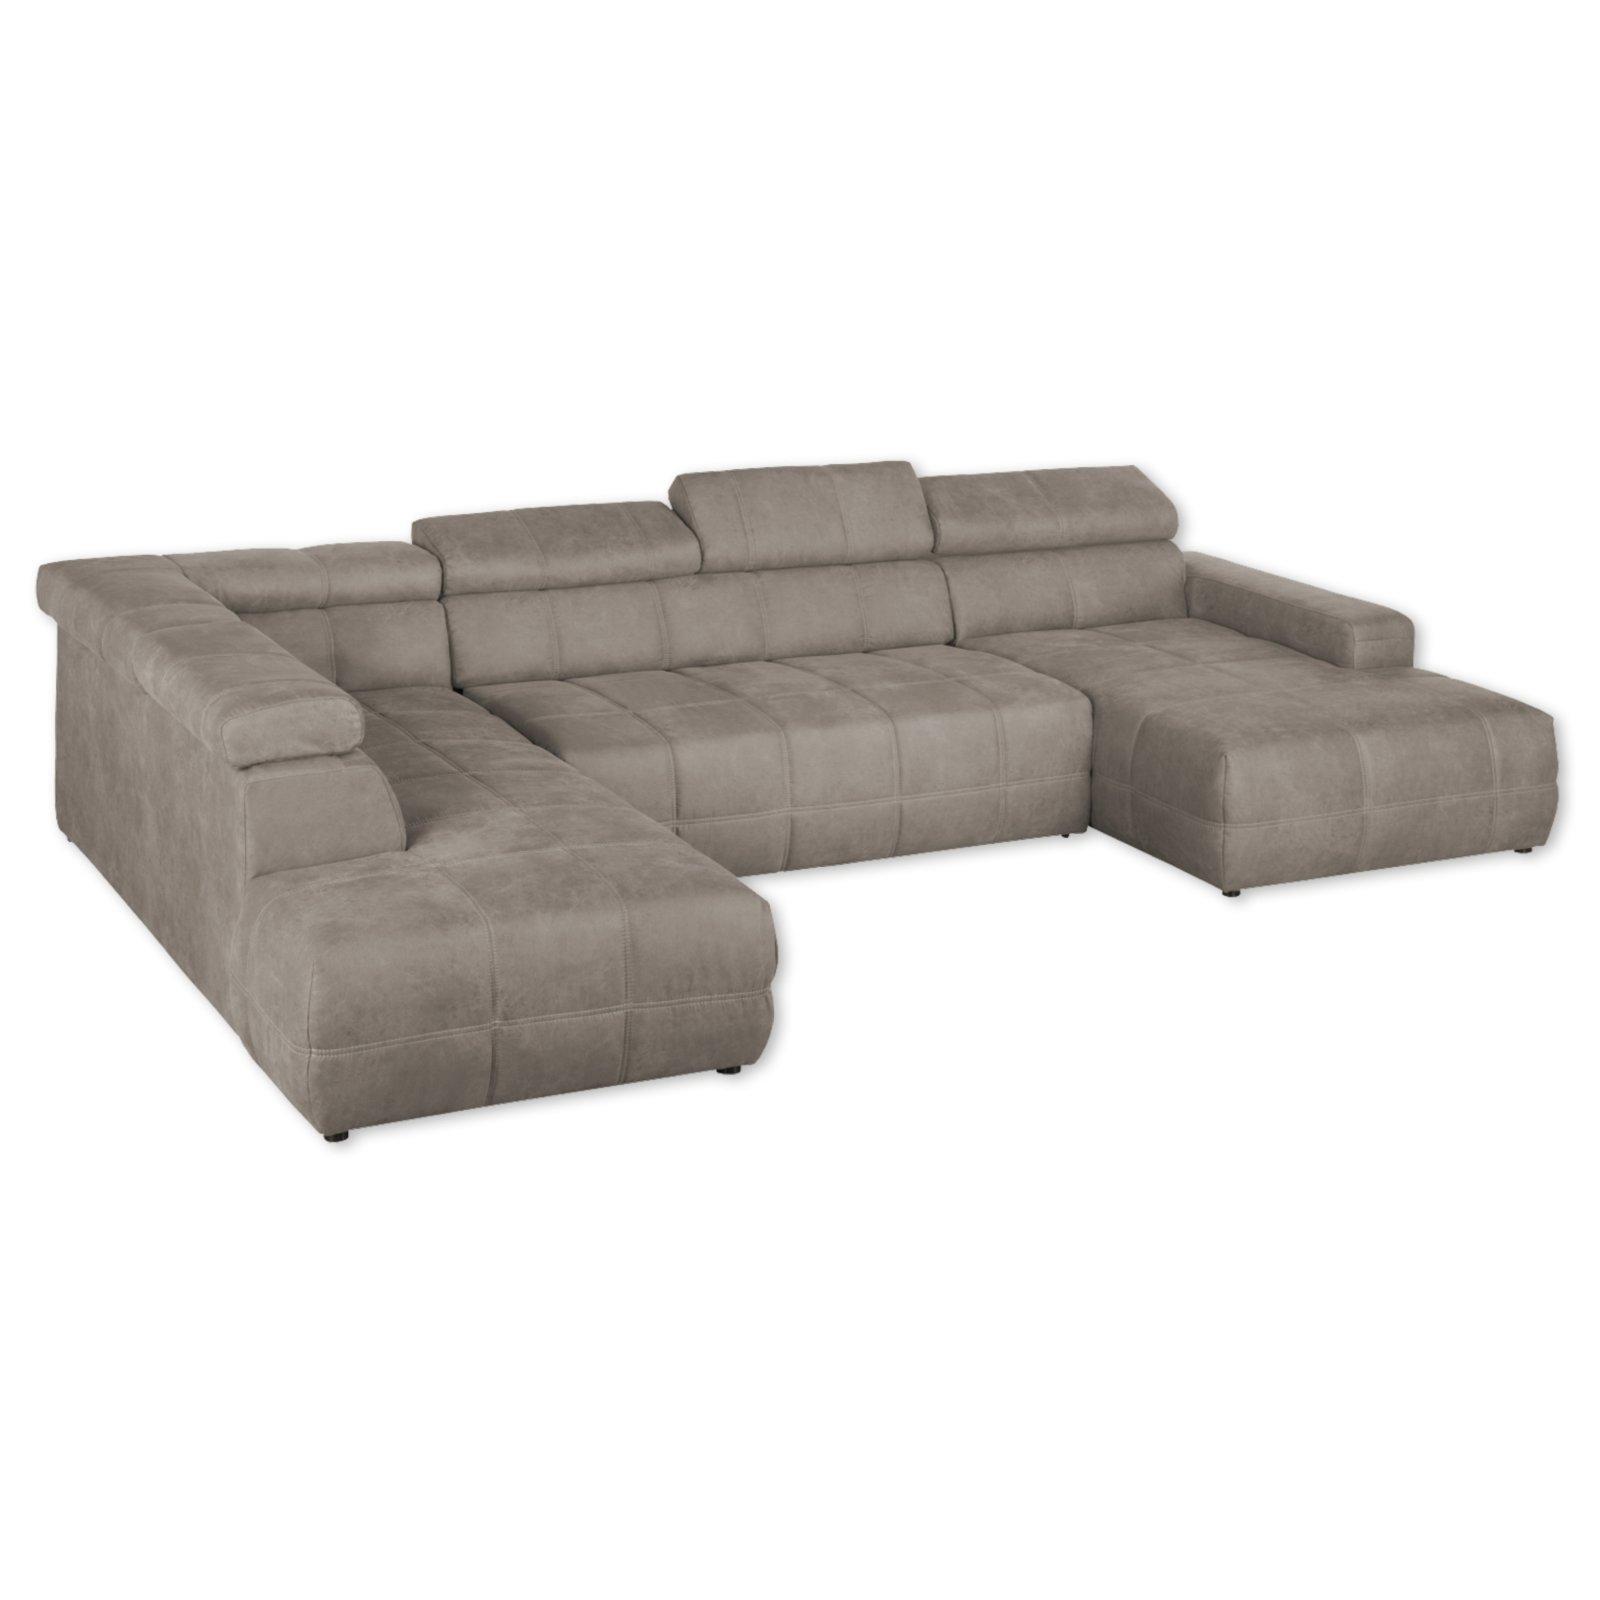 wohnlandschaft taupe r ckenfunktion ottomane links. Black Bedroom Furniture Sets. Home Design Ideas